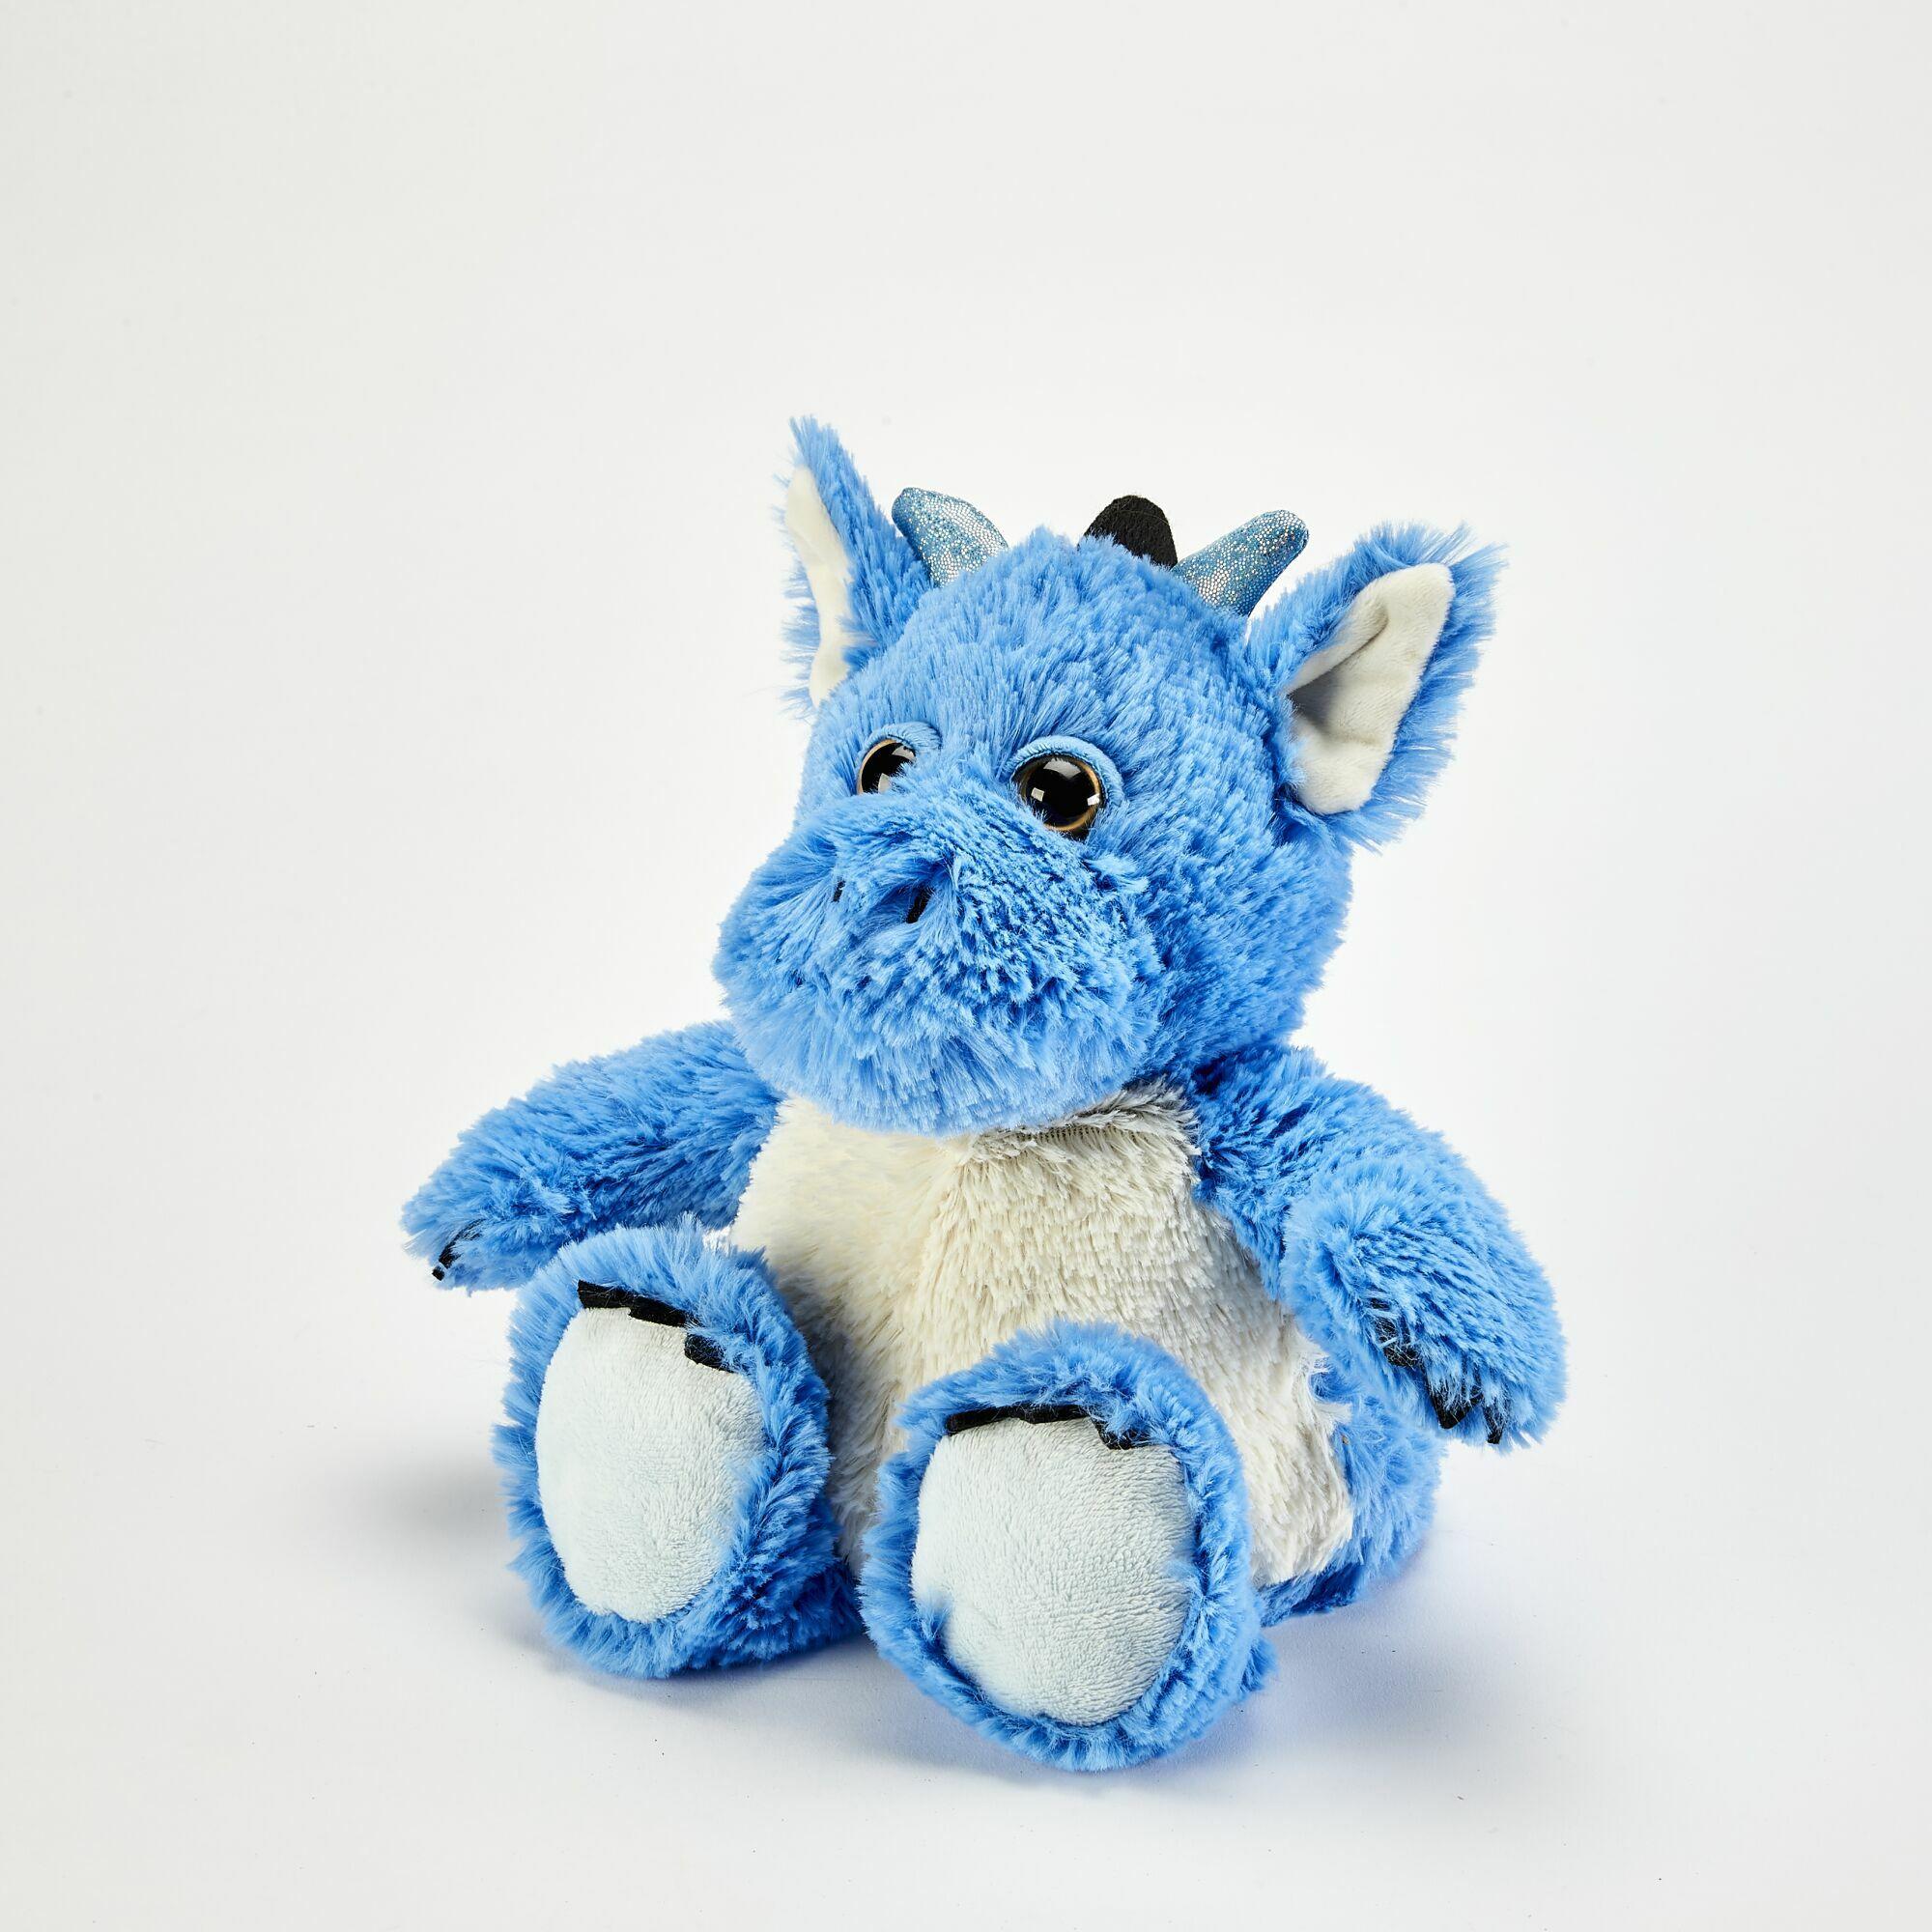 Пинкл (Pinkl) | Игрушка-грелка Синий Дракон | Intelex Ltd Warmies Dragon Blue